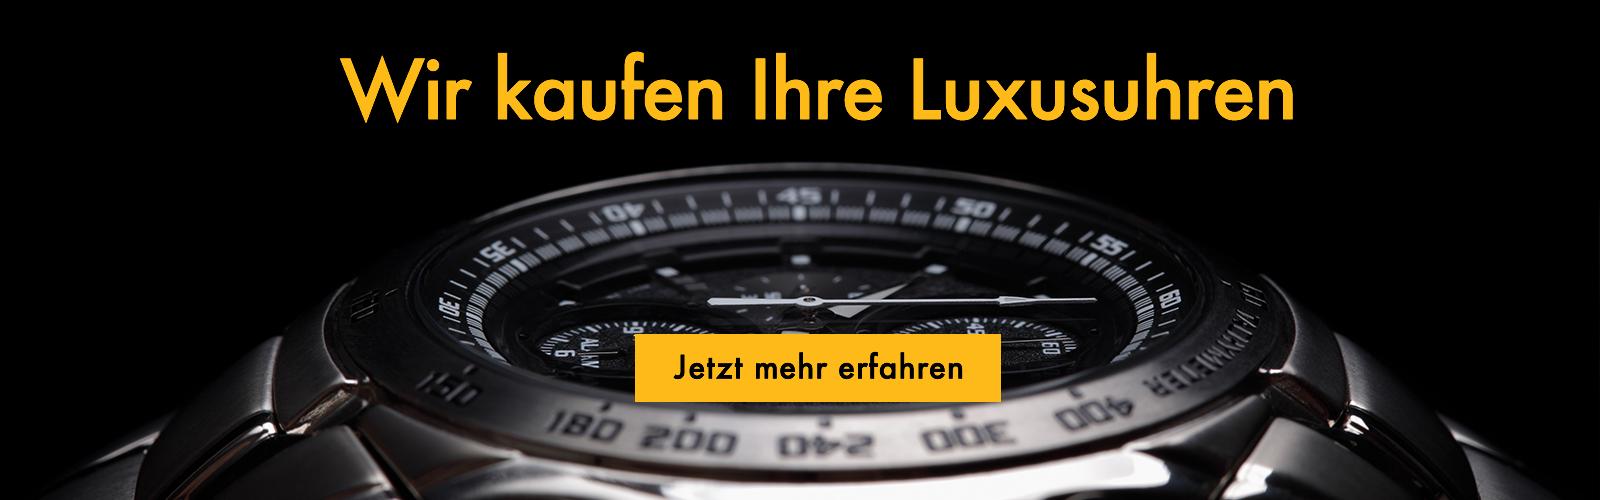 goldankauf und ankauf von schmuck silber platin in berlin hauptstadtgold. Black Bedroom Furniture Sets. Home Design Ideas